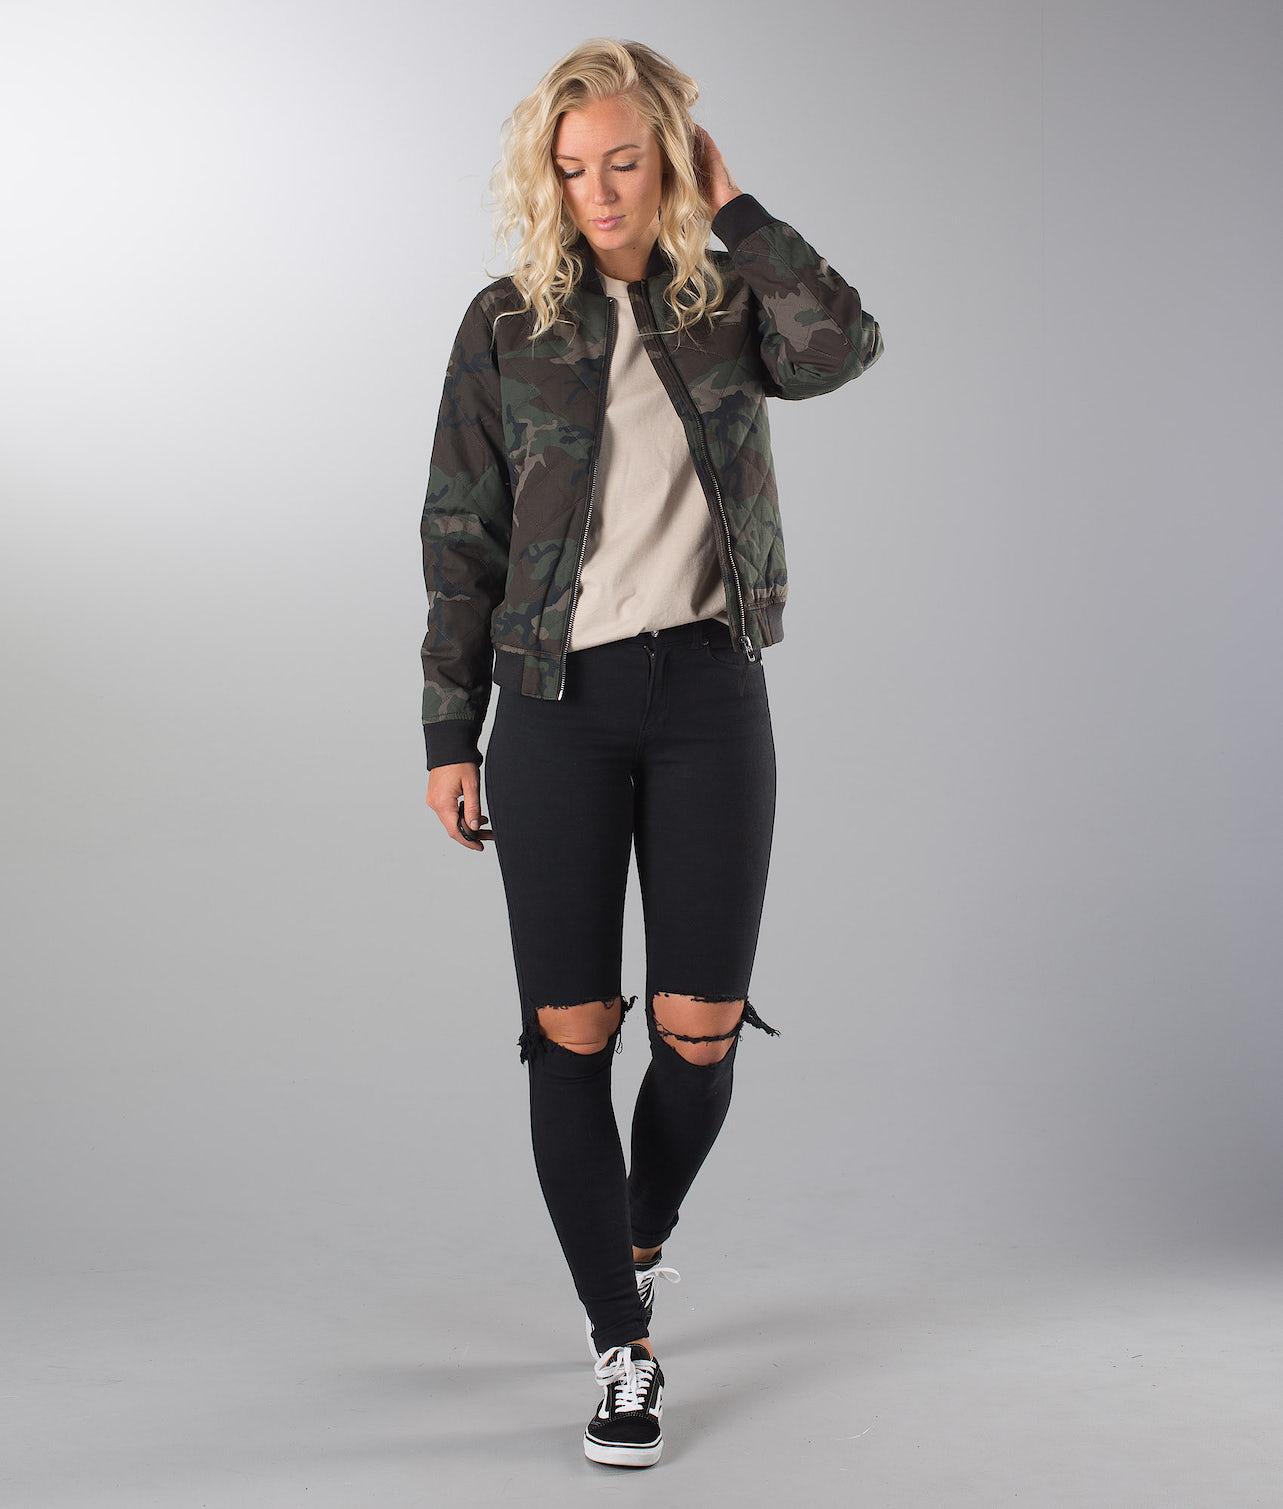 Kjøp Girls Bomber Jakke fra Dope på Ridestore.no - Hos oss har du alltid fri frakt, fri retur og 30 dagers åpent kjøp!